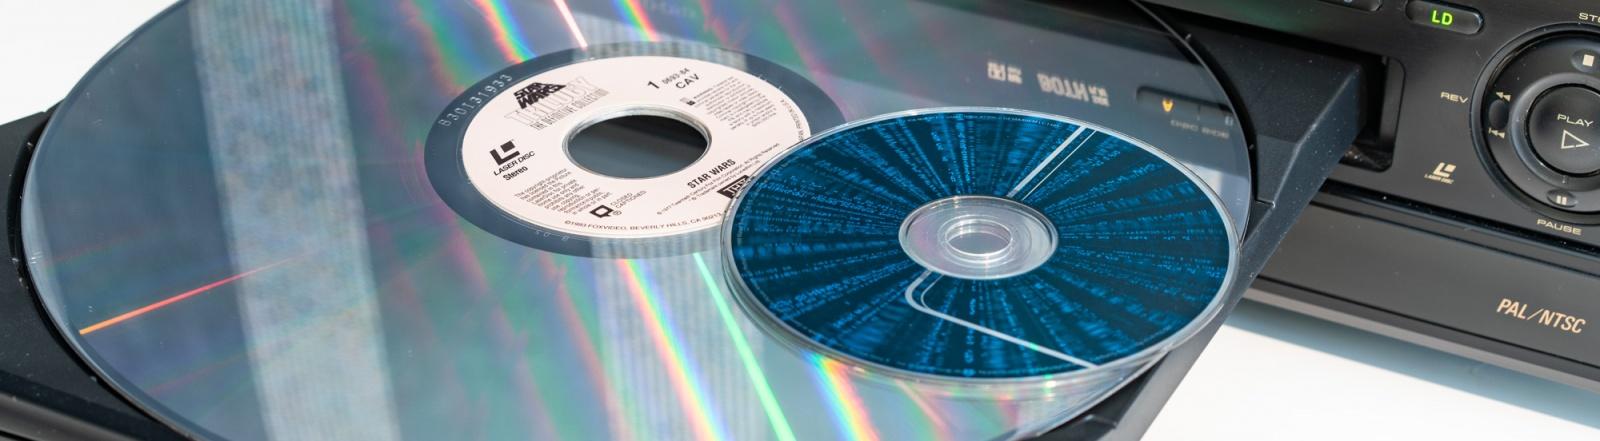 Лазерные видеодиски, ретрокино и автореверс - 1